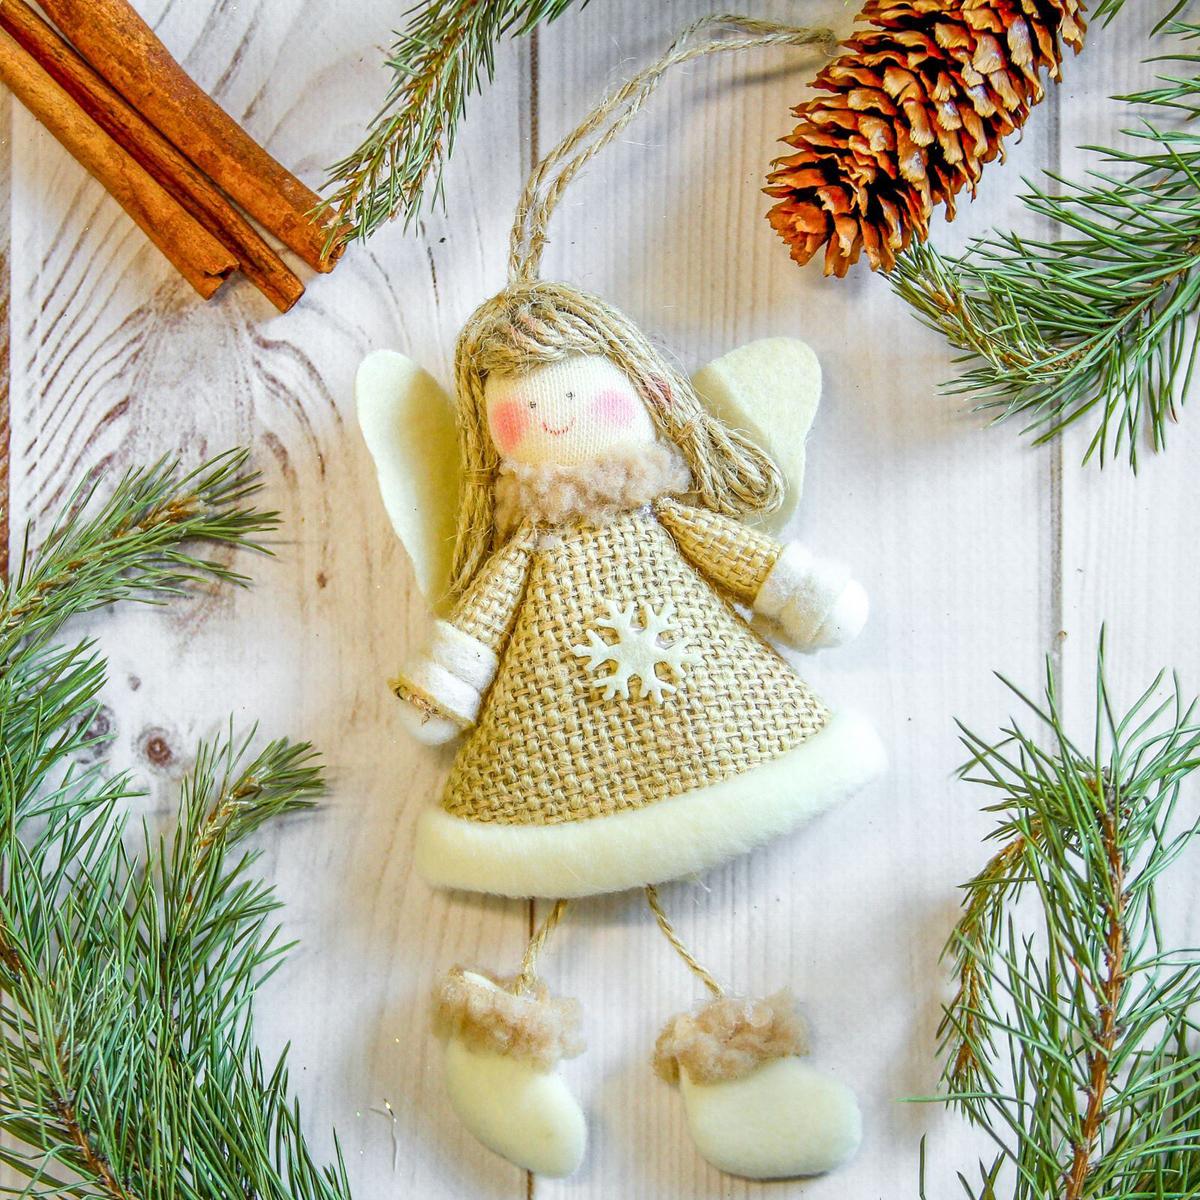 Украшение новогоднее подвесное Девочка, 7 х 14 см2357044Новогоднее украшение ручной работы отлично подойдет для декорации вашего дома и новогодней ели. С помощью специальной петельки украшение можно повесить в любом понравившемся вам месте. Но, конечно, удачнее всего оно будет смотреться на праздничной елке.Елочная игрушка - символ Нового года. Она несет в себе волшебство и красоту праздника. Такое украшение создаст в вашем доме атмосферу праздника, веселья и радости.